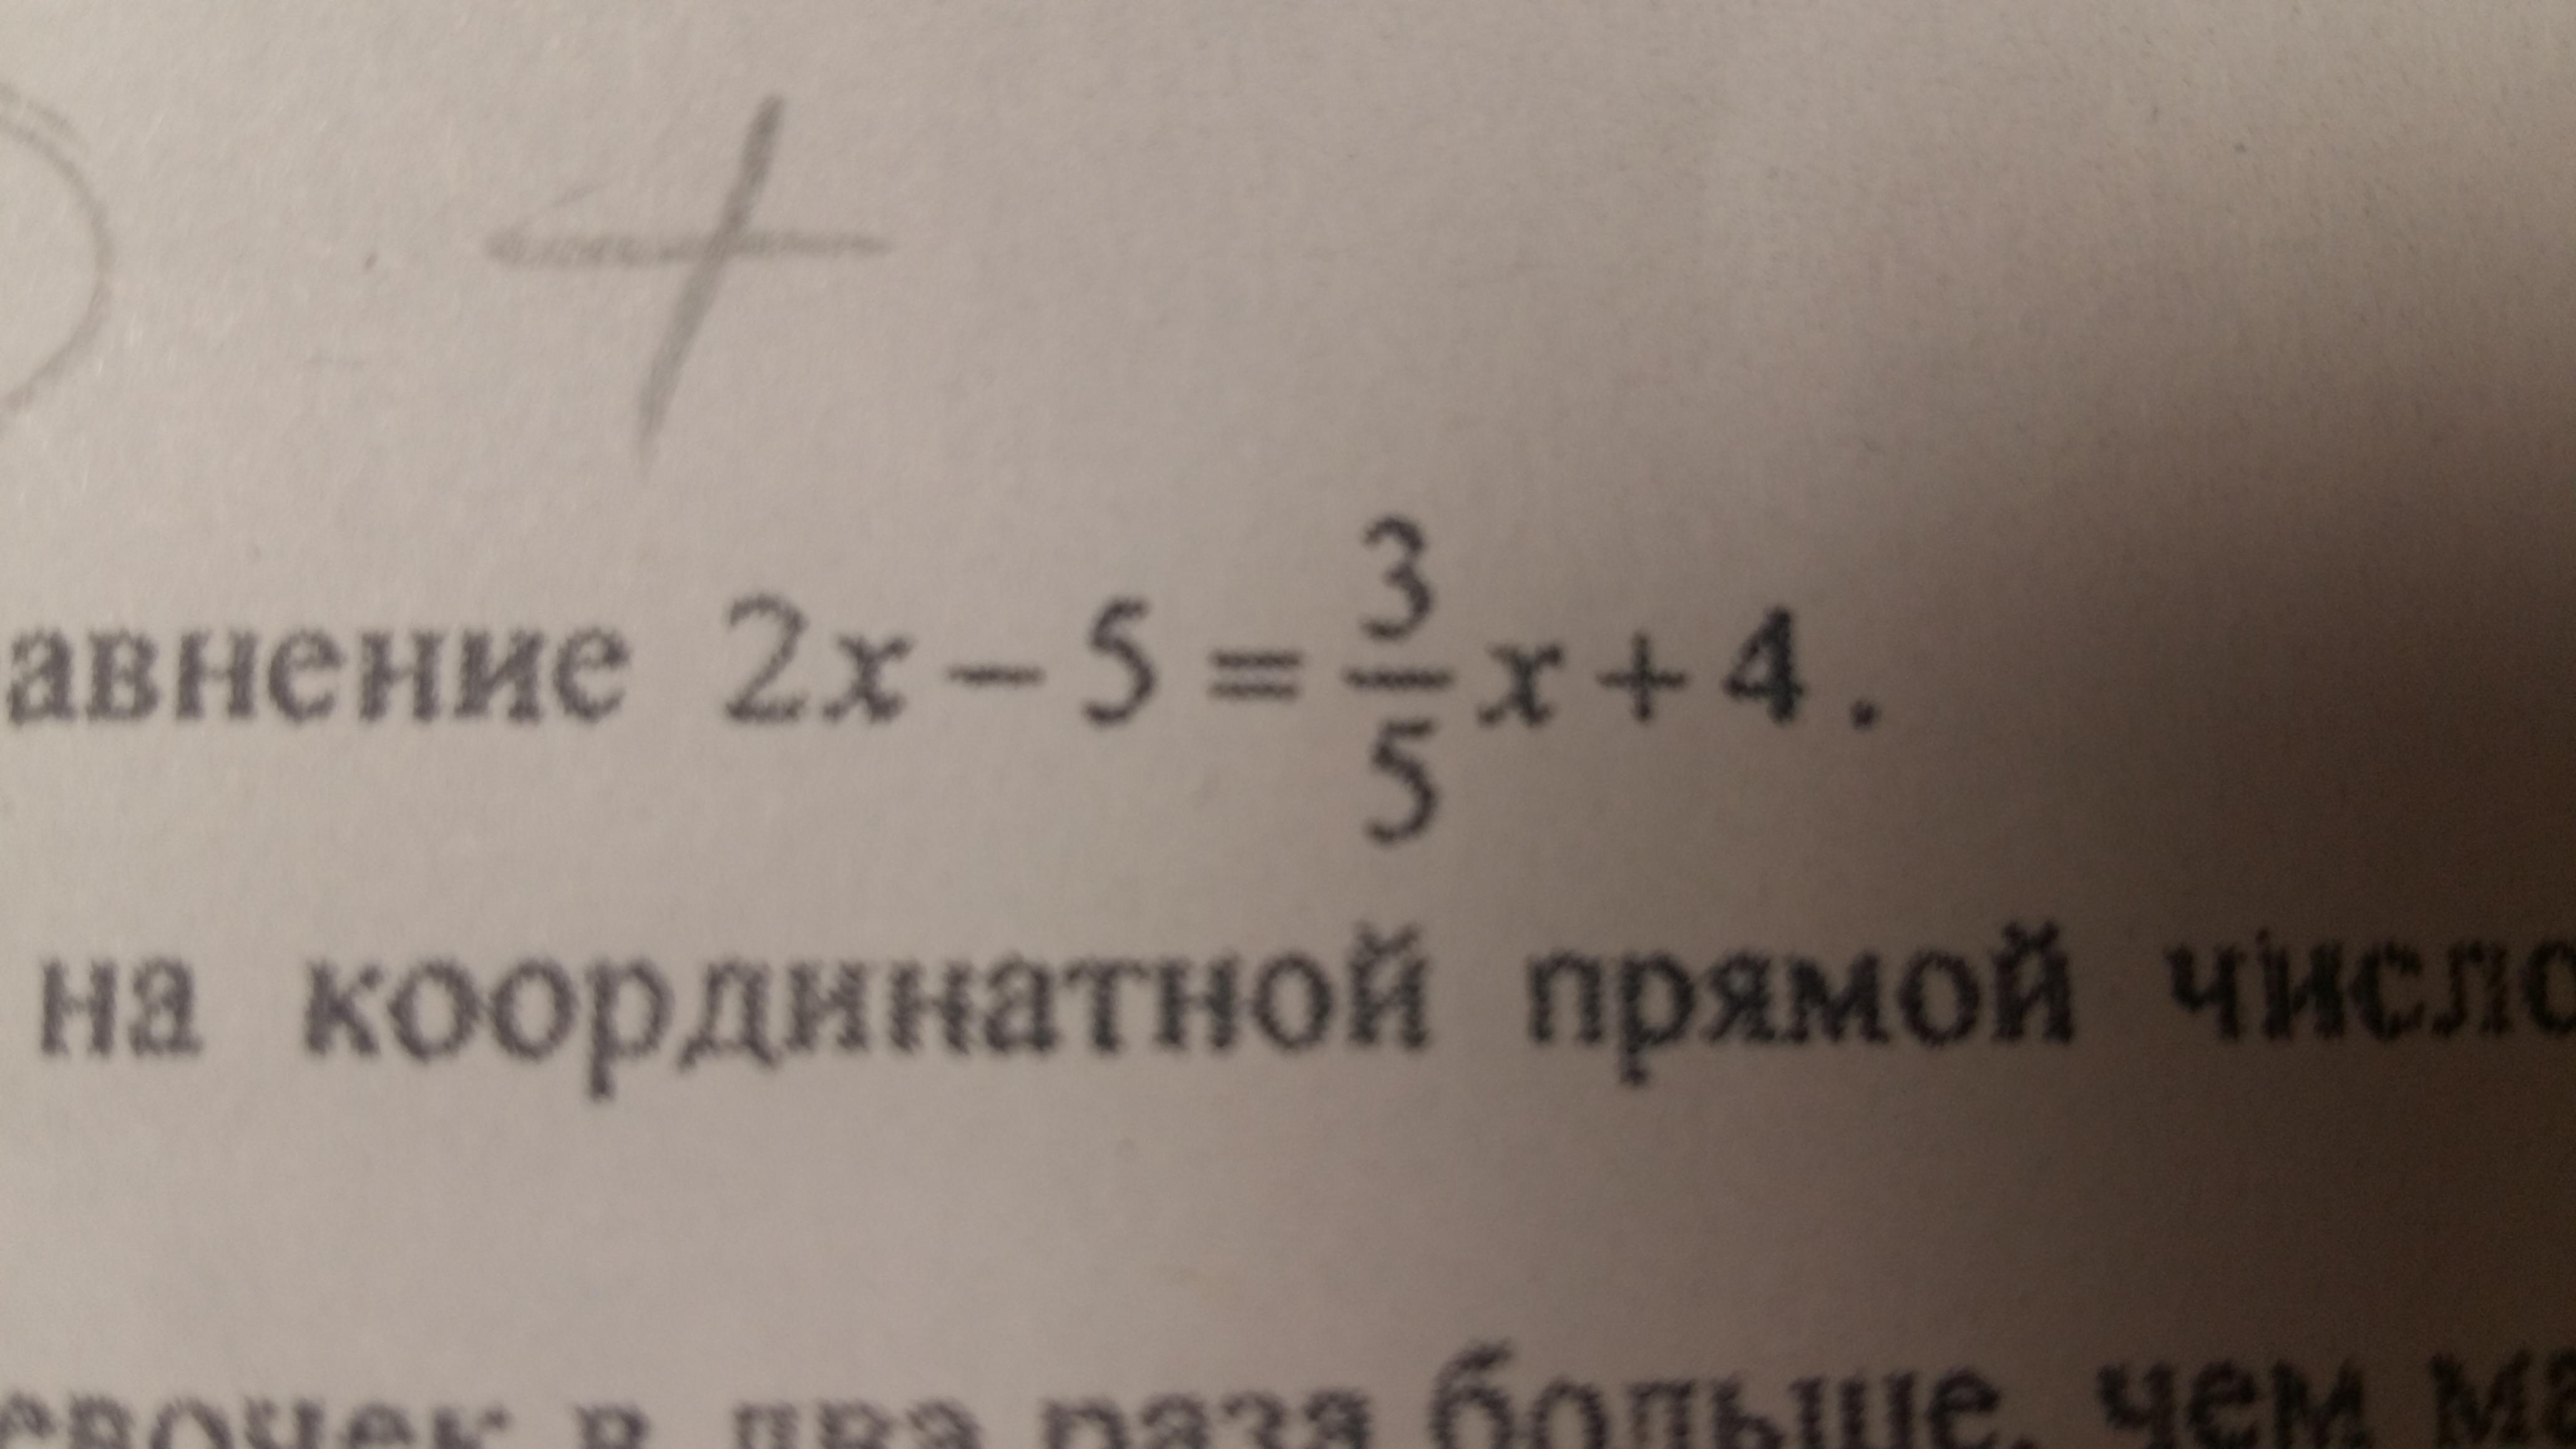 Решите пожалуйста уравнение! Очень надо! Фото ниже